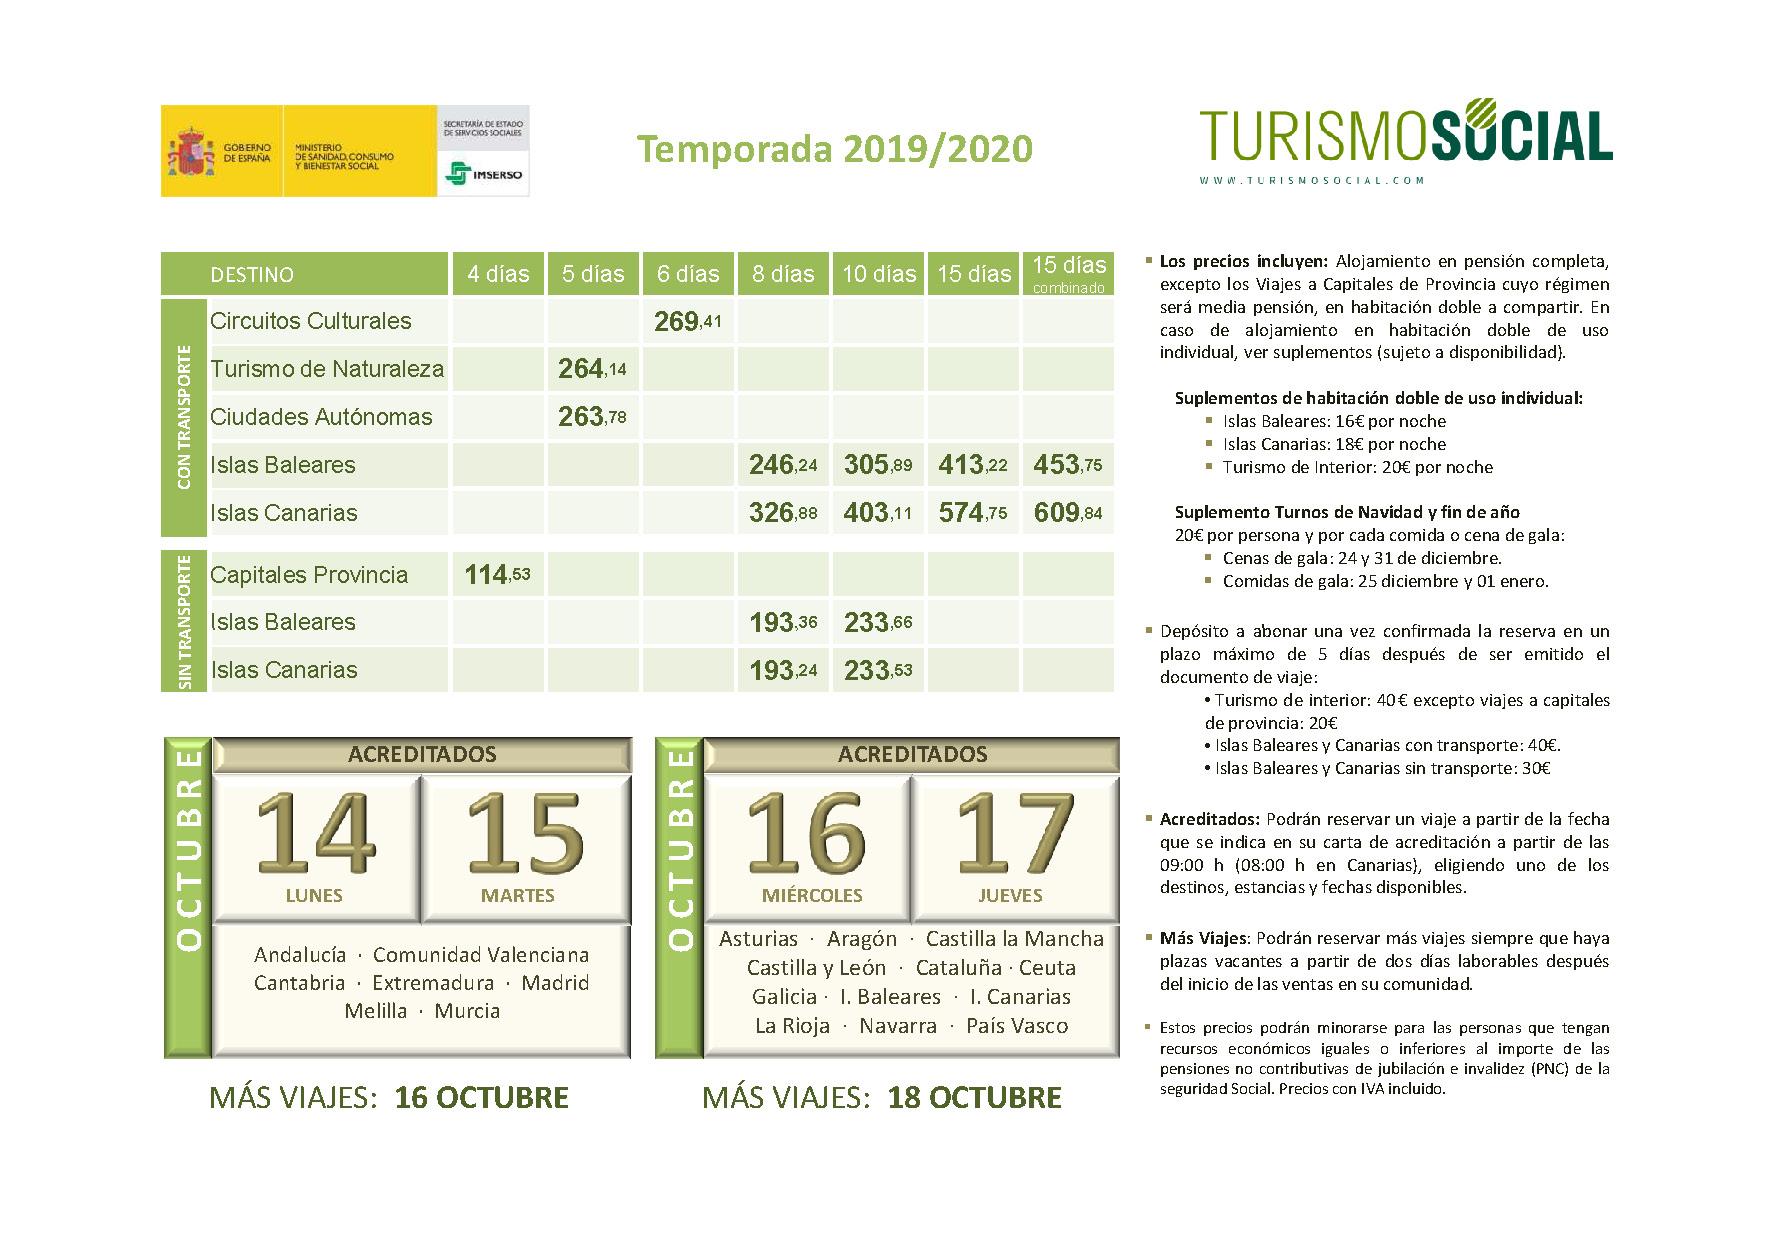 Calendario de precios viajes IMSERSO Turismo Social 2019-2020